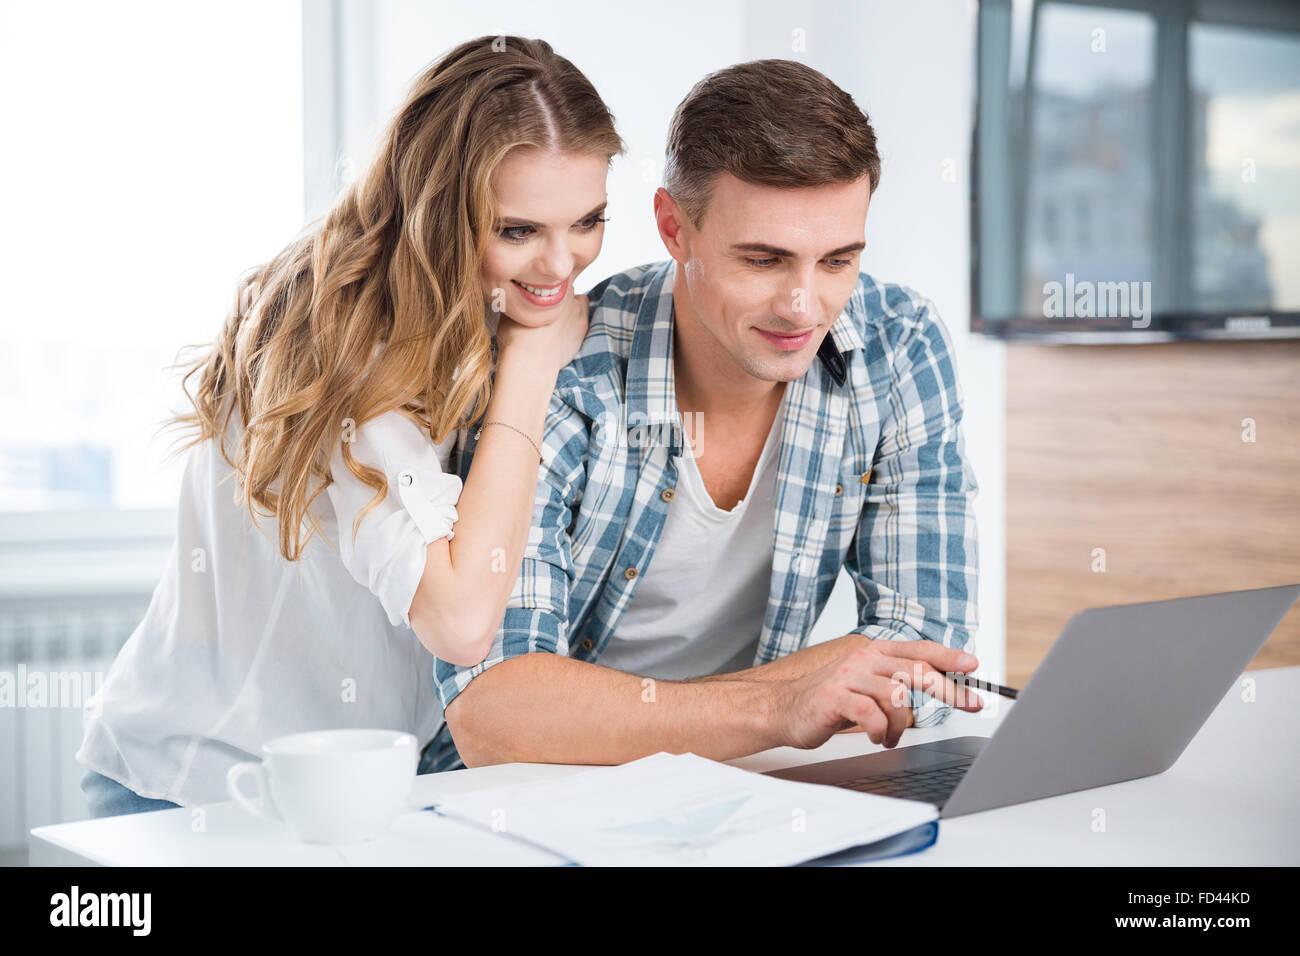 Hermosa pareja utilizando el portátil y trabajar juntos en casa Imagen De Stock